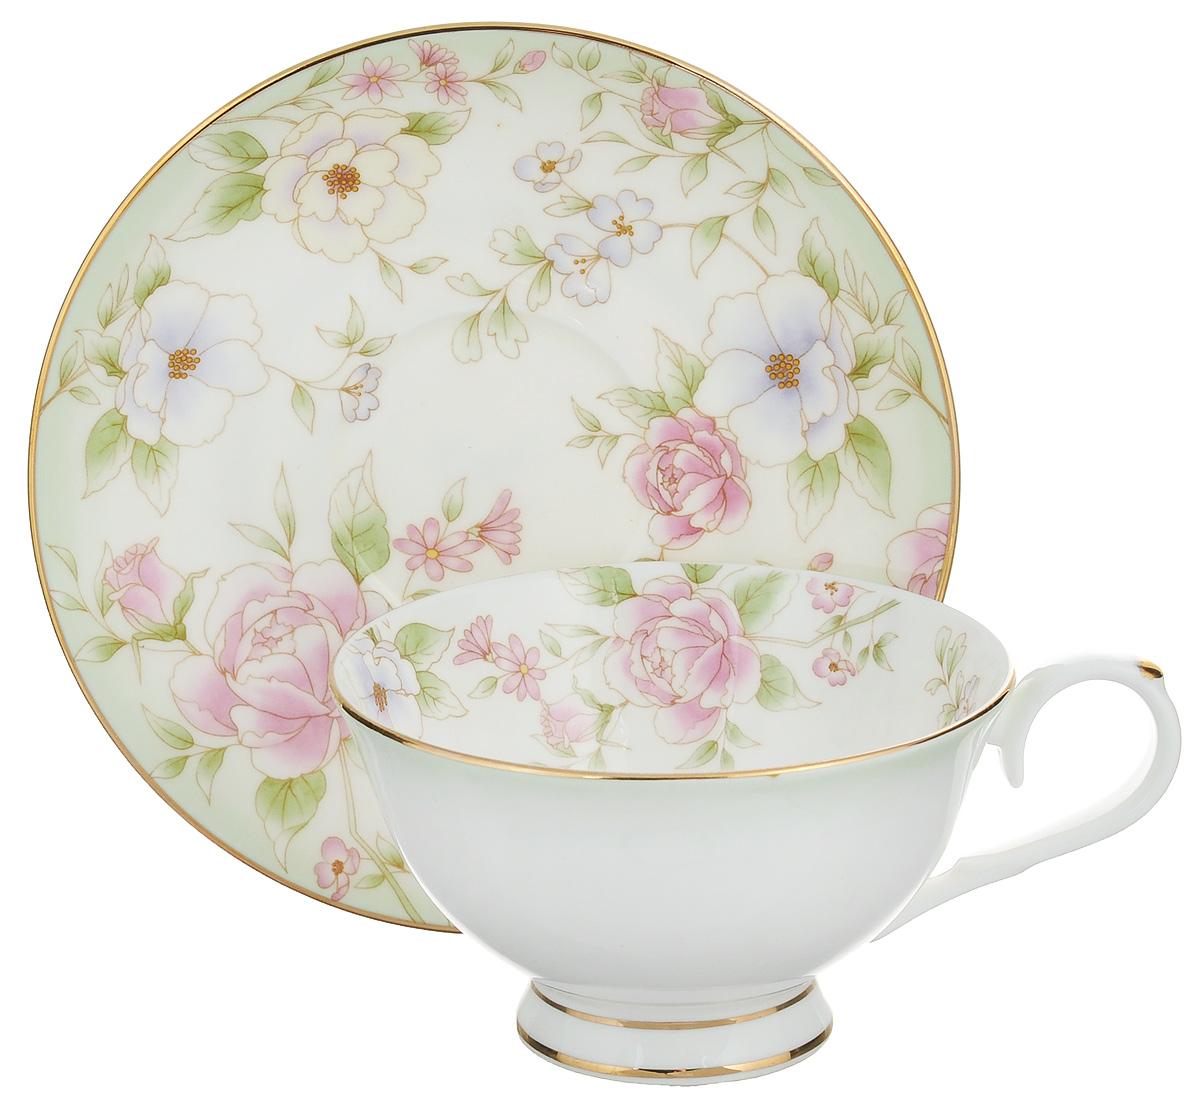 Чайная пара Elan Gallery Карнавал цветов, 2 предмета530039Чайная пара Elan Gallery Карнавал цветов состоит из чашки и блюдца, изготовленных из керамики высшего качества, отличающегося необыкновенной прочностью и небольшим весом. Яркий дизайн, несомненно, придется вам по вкусу.Чайная пара Elan Gallery Карнавал цветов украсит ваш кухонный стол, а также станет замечательным подарком к любому празднику.Не рекомендуется применять абразивные моющие средства. Не использовать в микроволновой печи.Объем чашки: 230 мл.Диаметр чашки (по верхнему краю): 10,5 см.Высота чашки: 6,5 см.Диаметр блюдца: 15 см.Высота блюдца: 2 см.